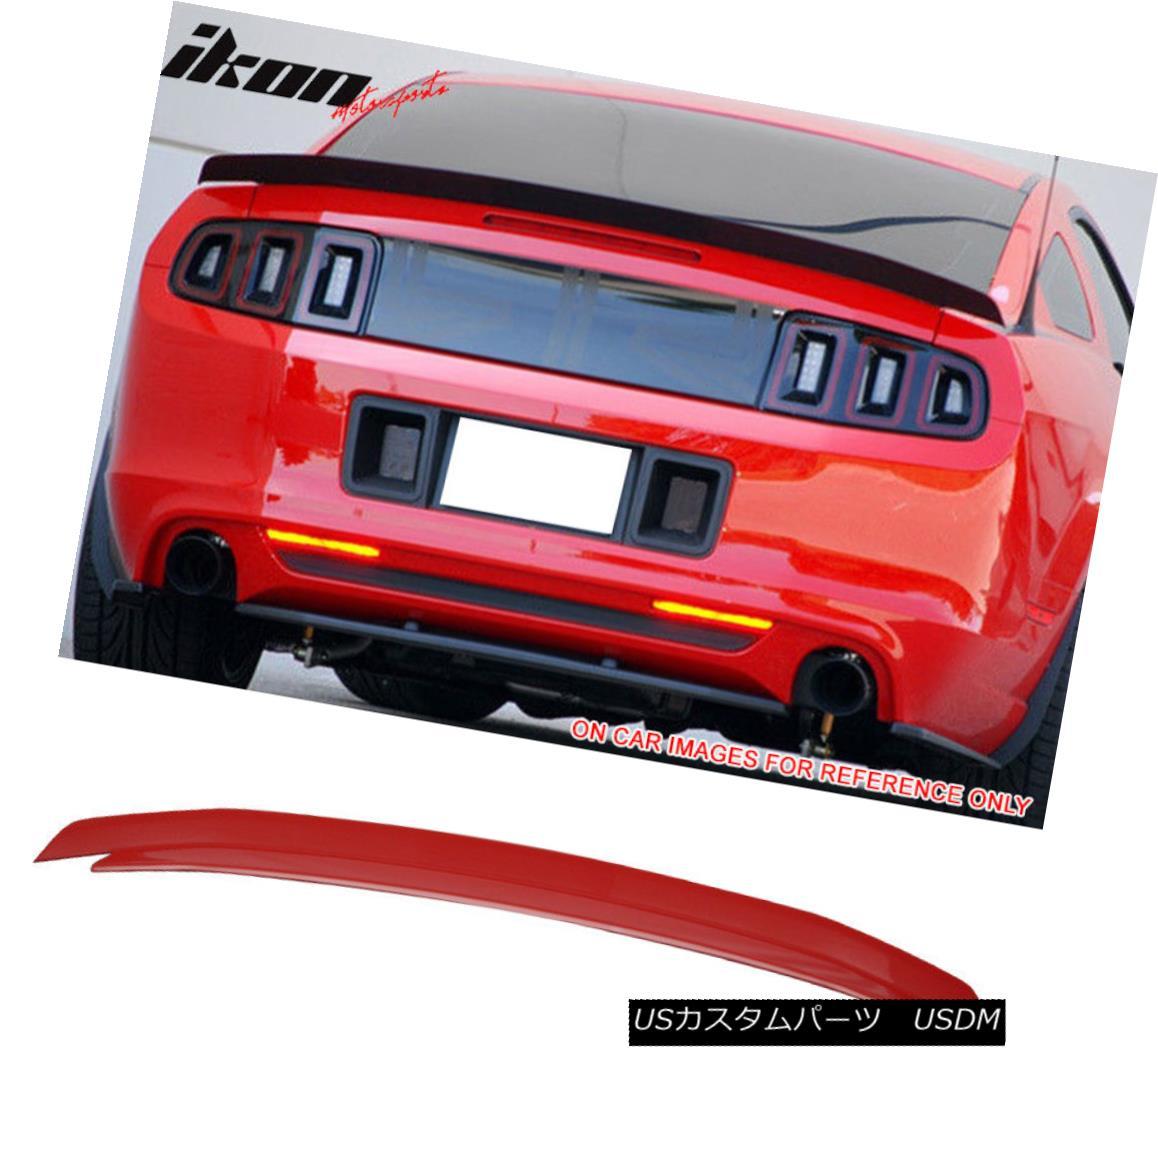 エアロパーツ For 10-14 Ford Mustang Trunk Spoiler Painted Torch Red # D3 10-14フォードマスタングトランク・スポイラーのために塗装トーチレッド#D3